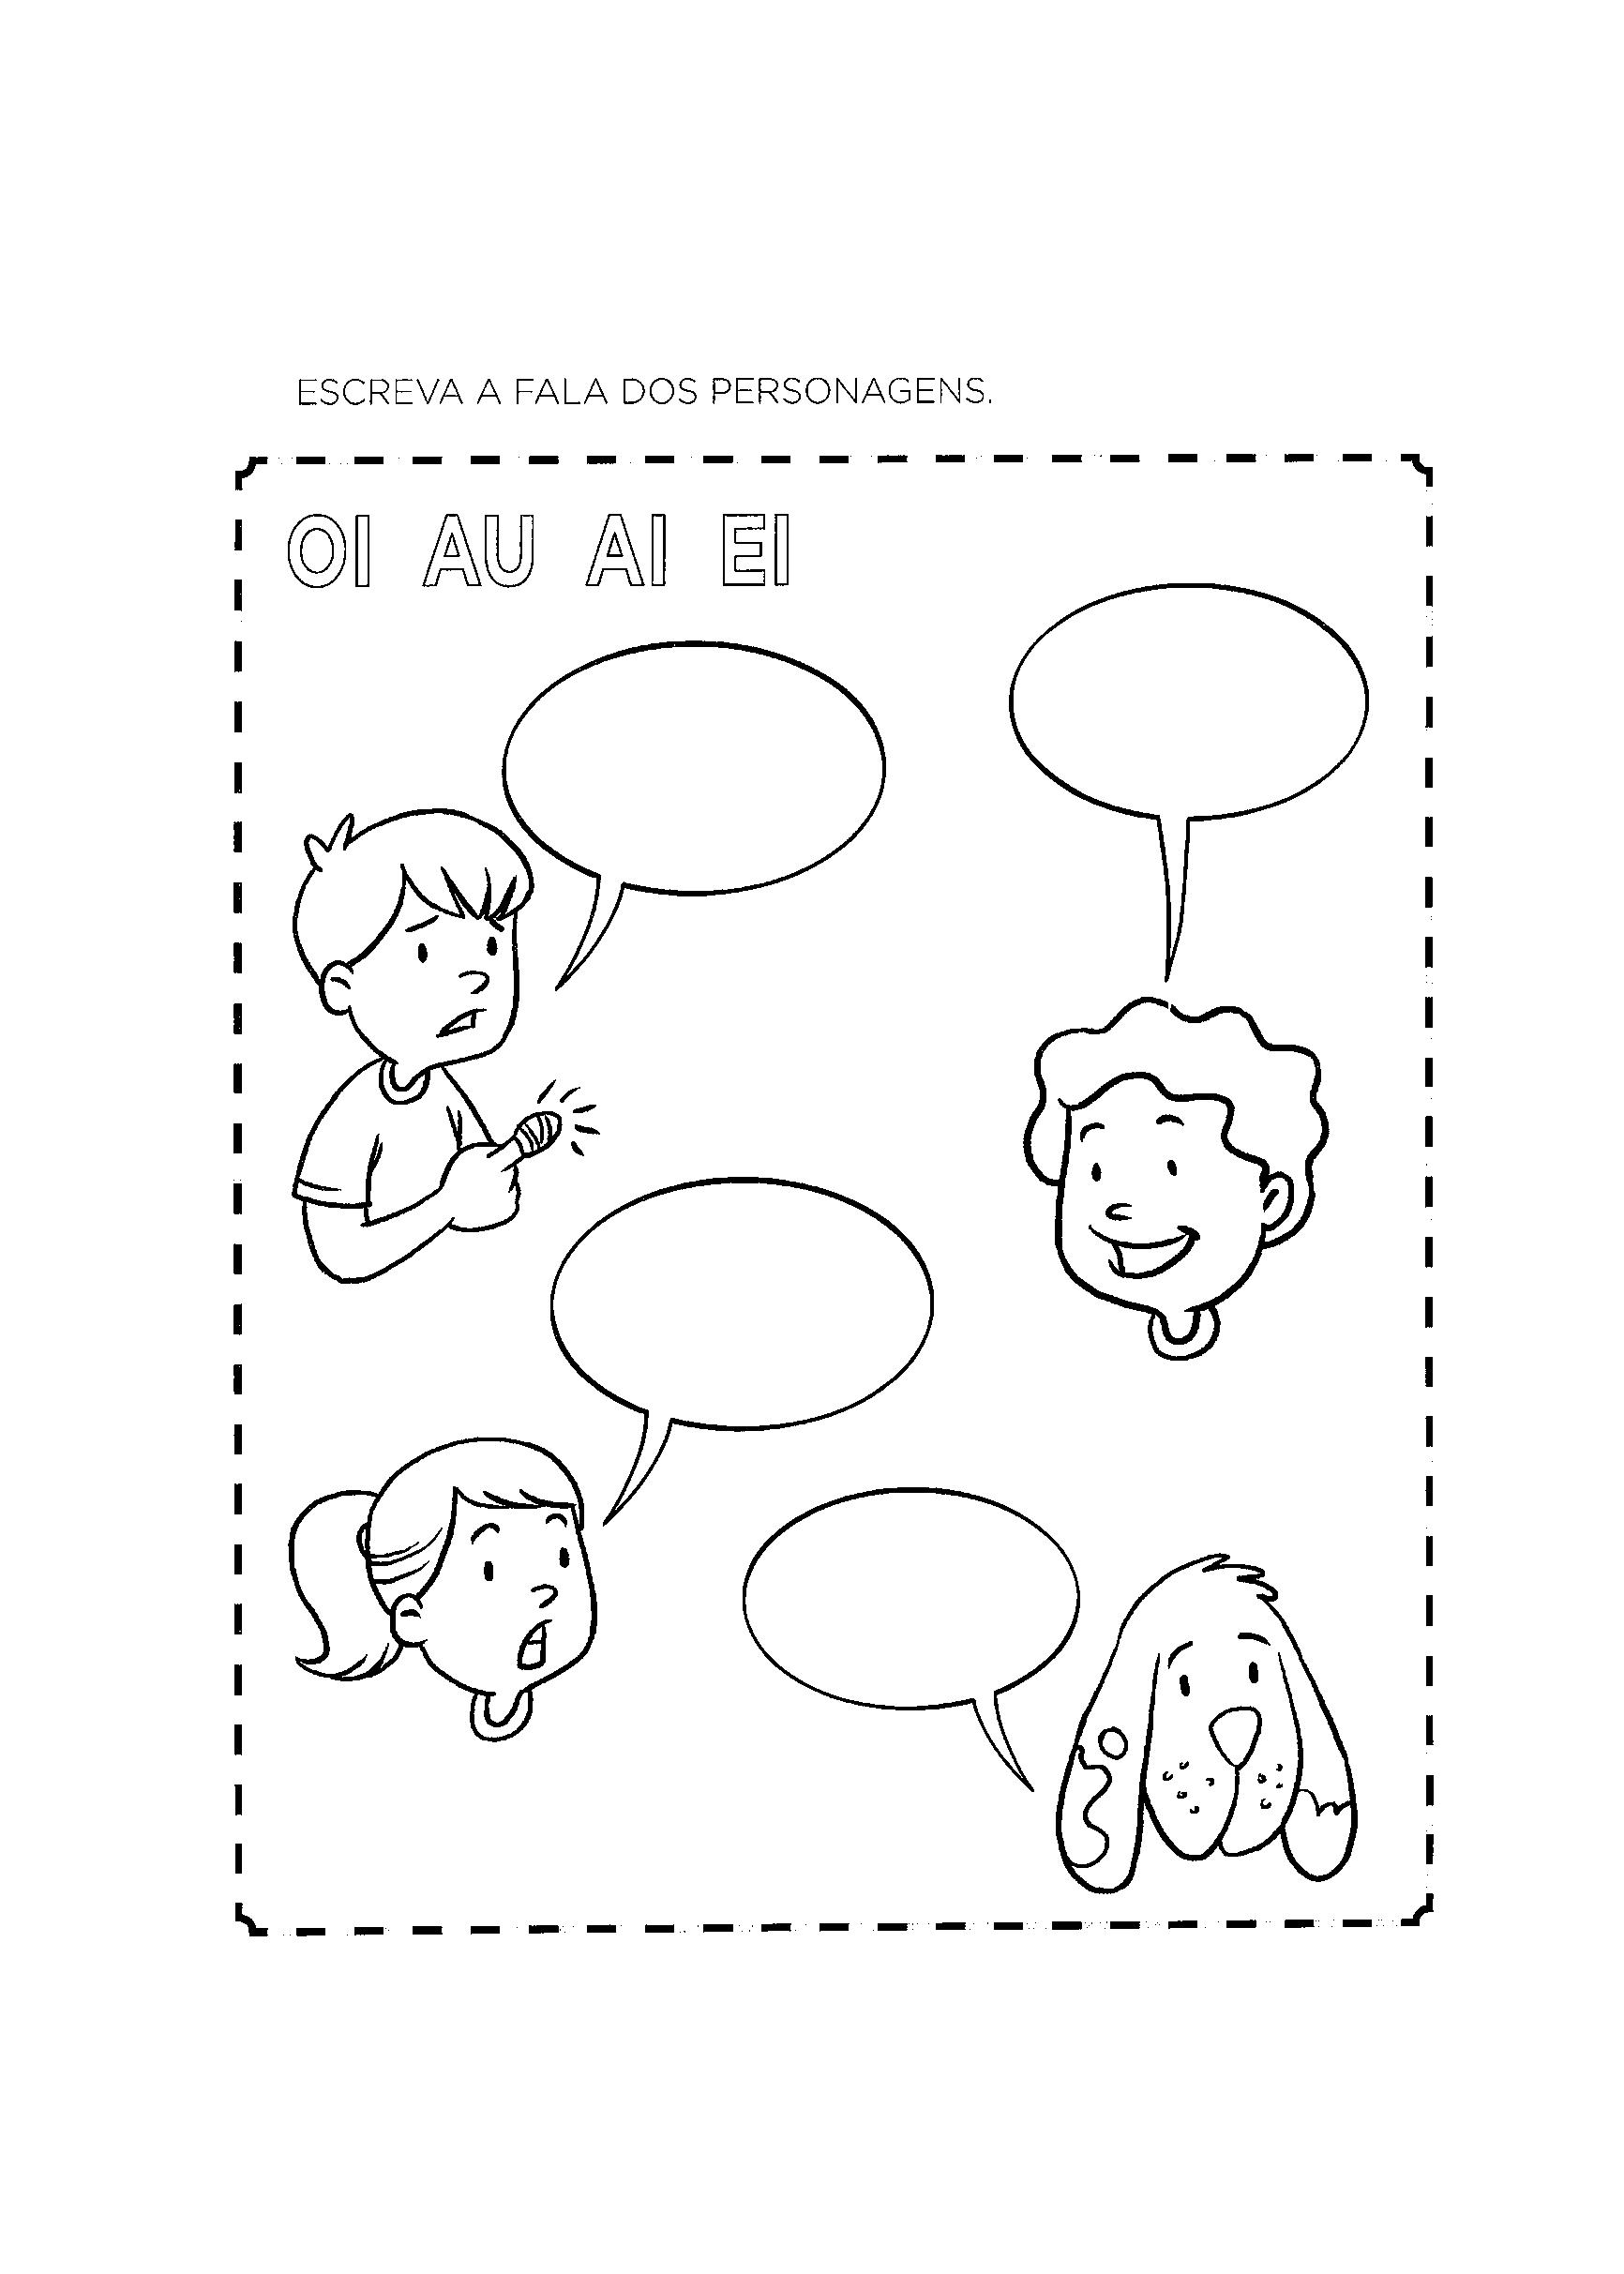 alfabetizacao_encontros_vocalicos_ecrever_fala